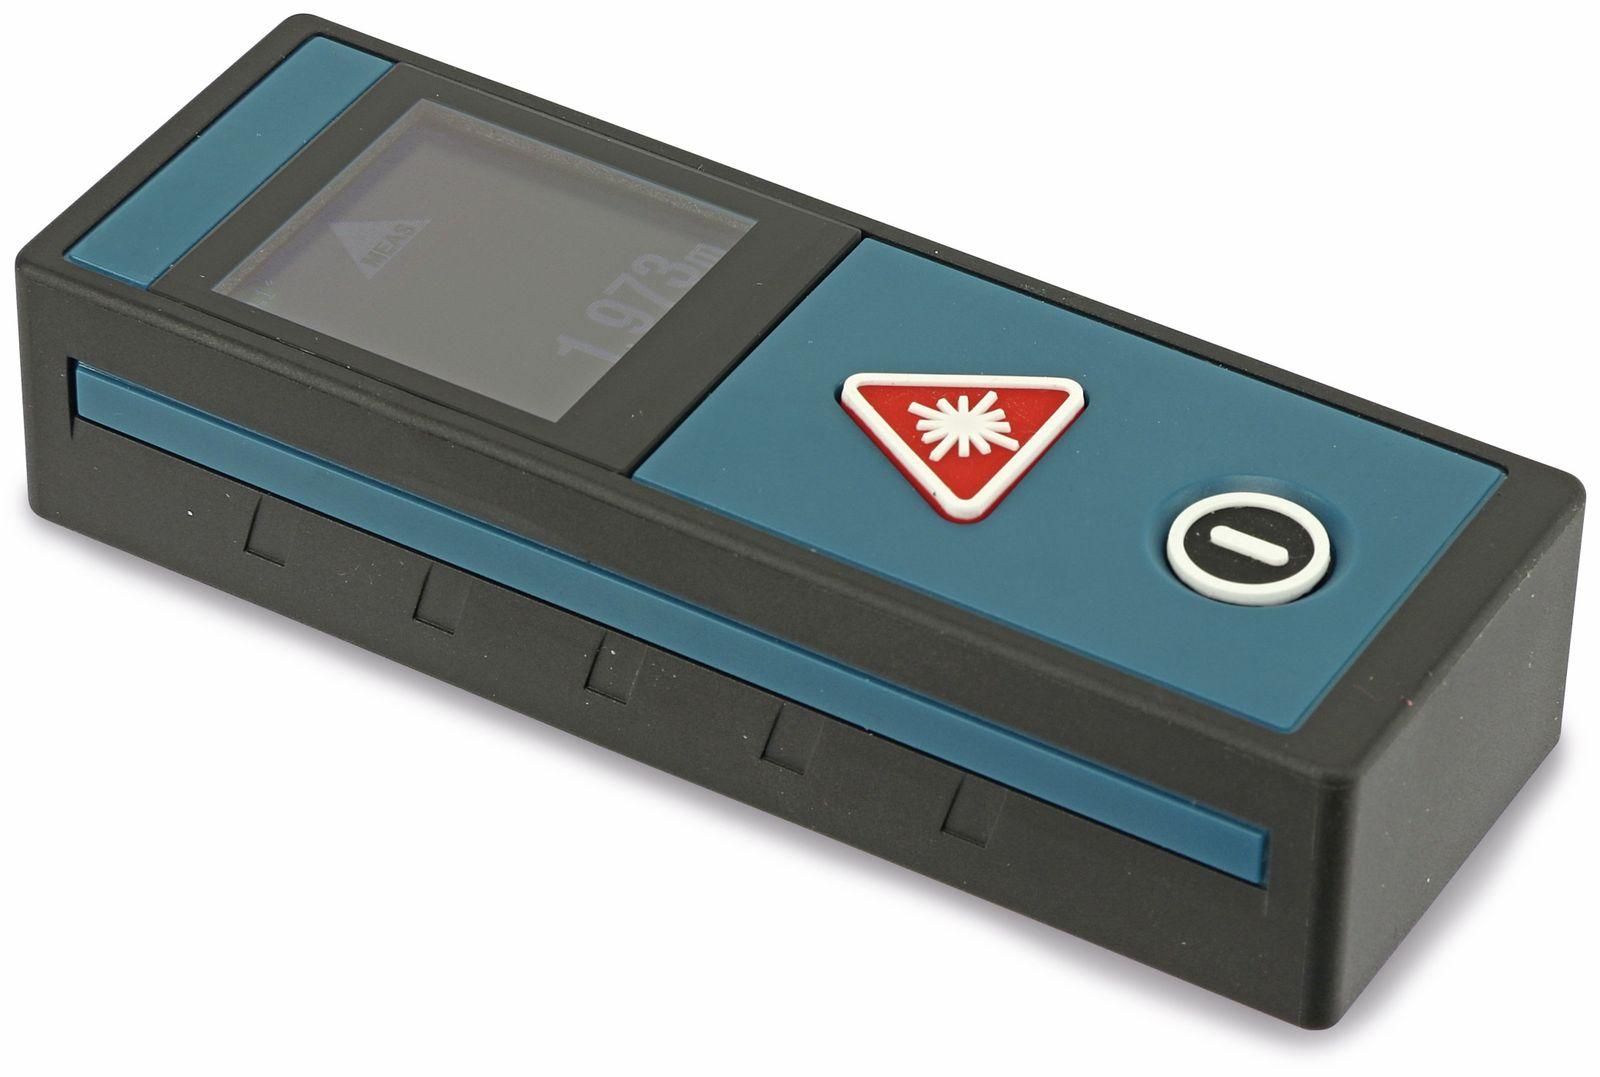 Ultraschall Entfernungsmesser Funktionsweise : Ultraschall entfernungsmessung mit hc sr